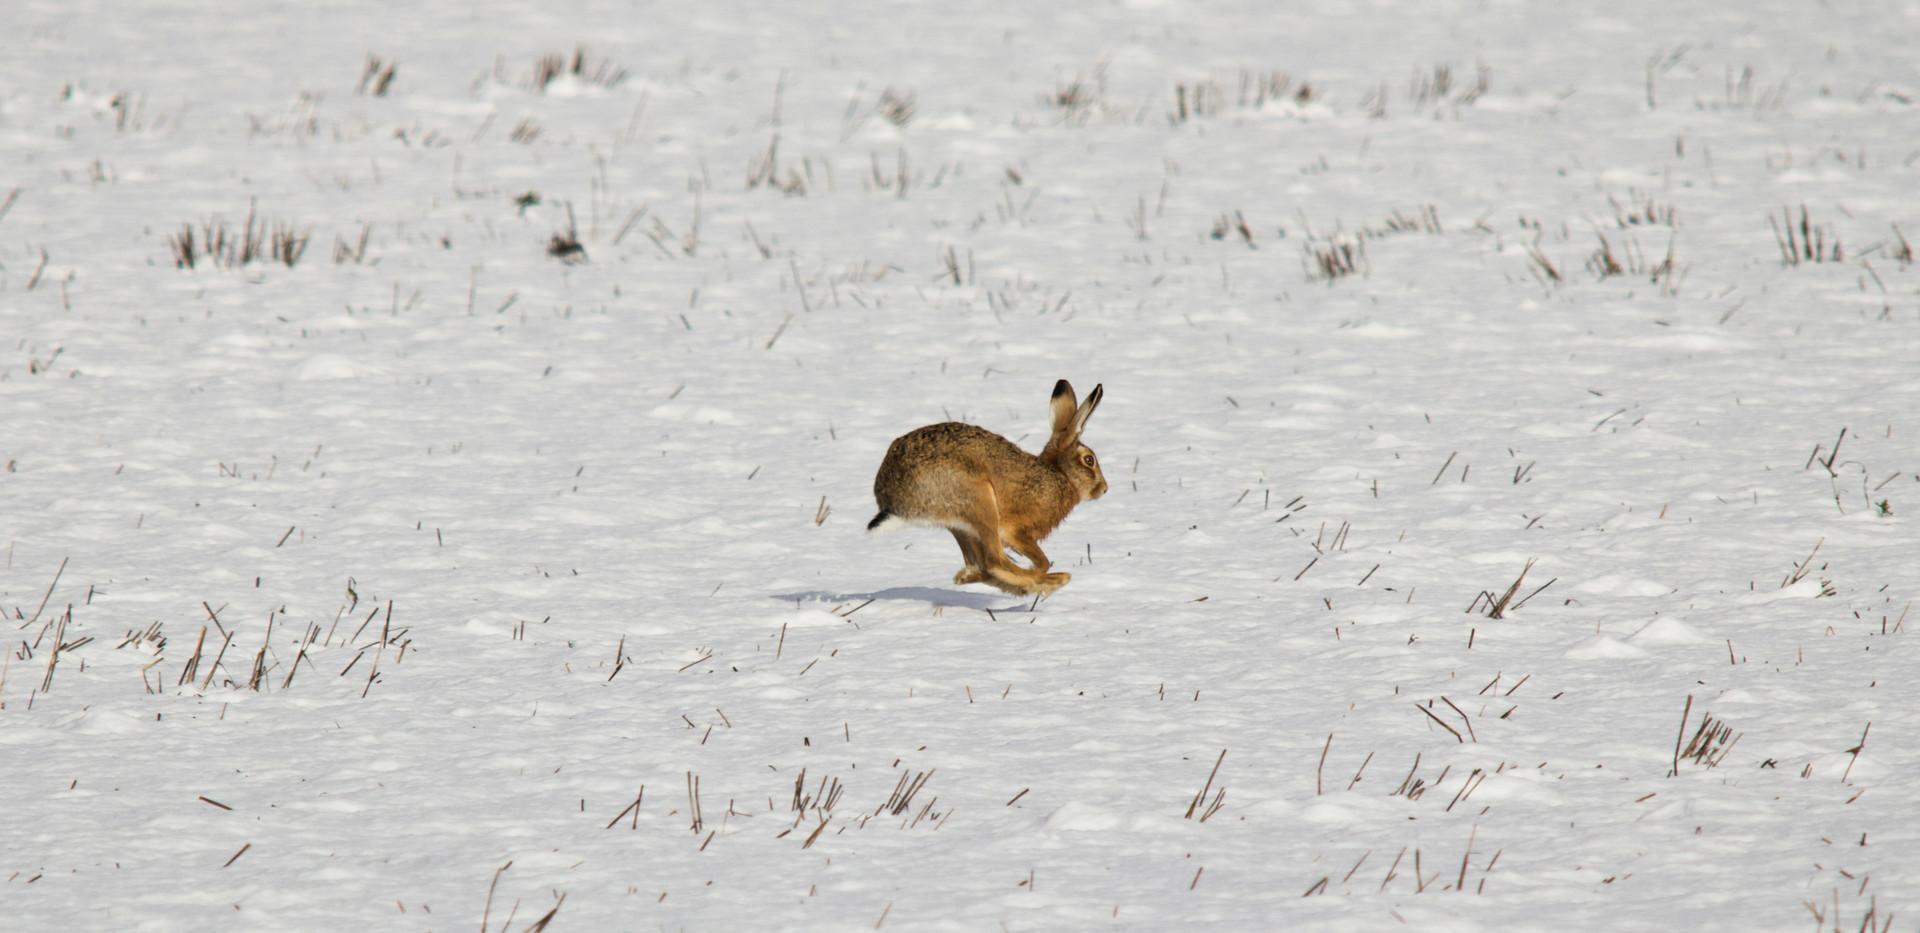 Hare_in_Snow.jpg